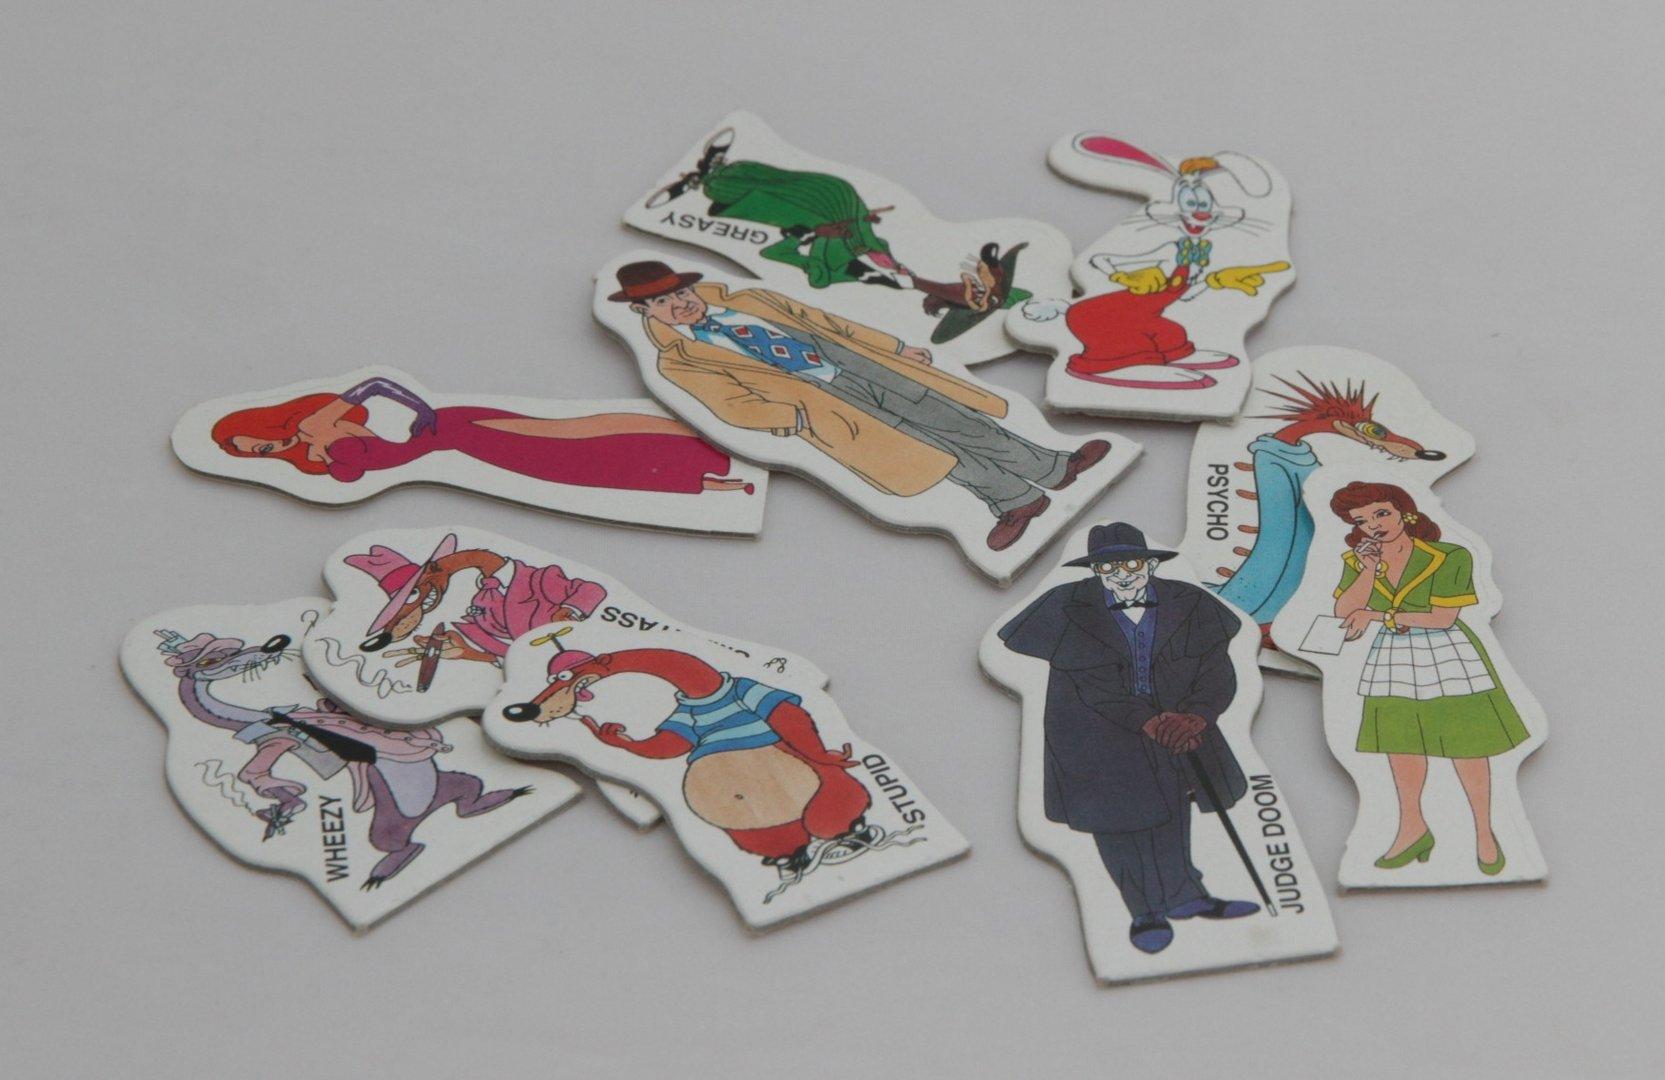 Falsches Spiel mit Roger Rabbit - Spielfigur - Spieleteile-area